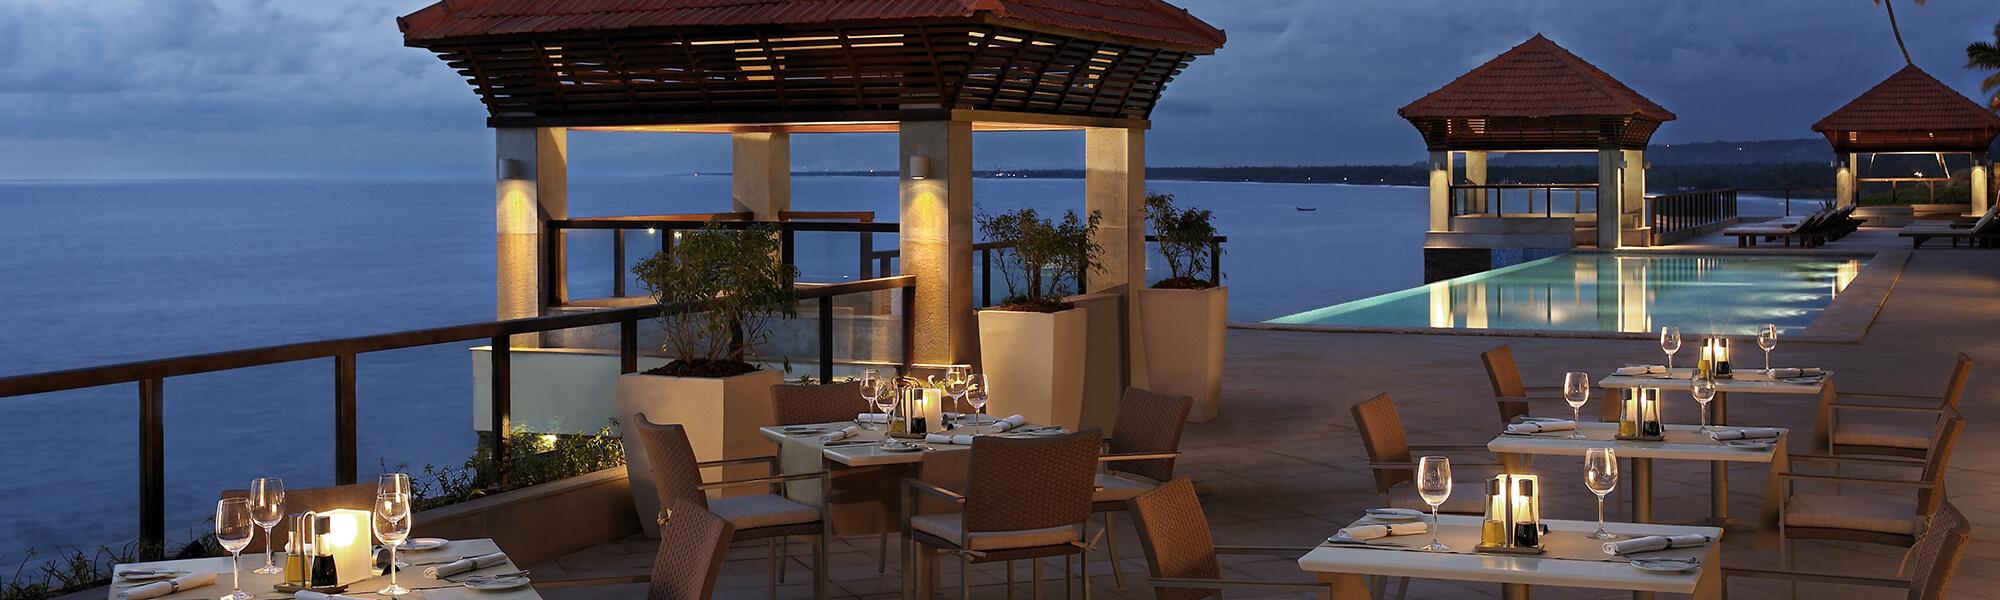 Restaurant and Bar - The Raviz Kovalam